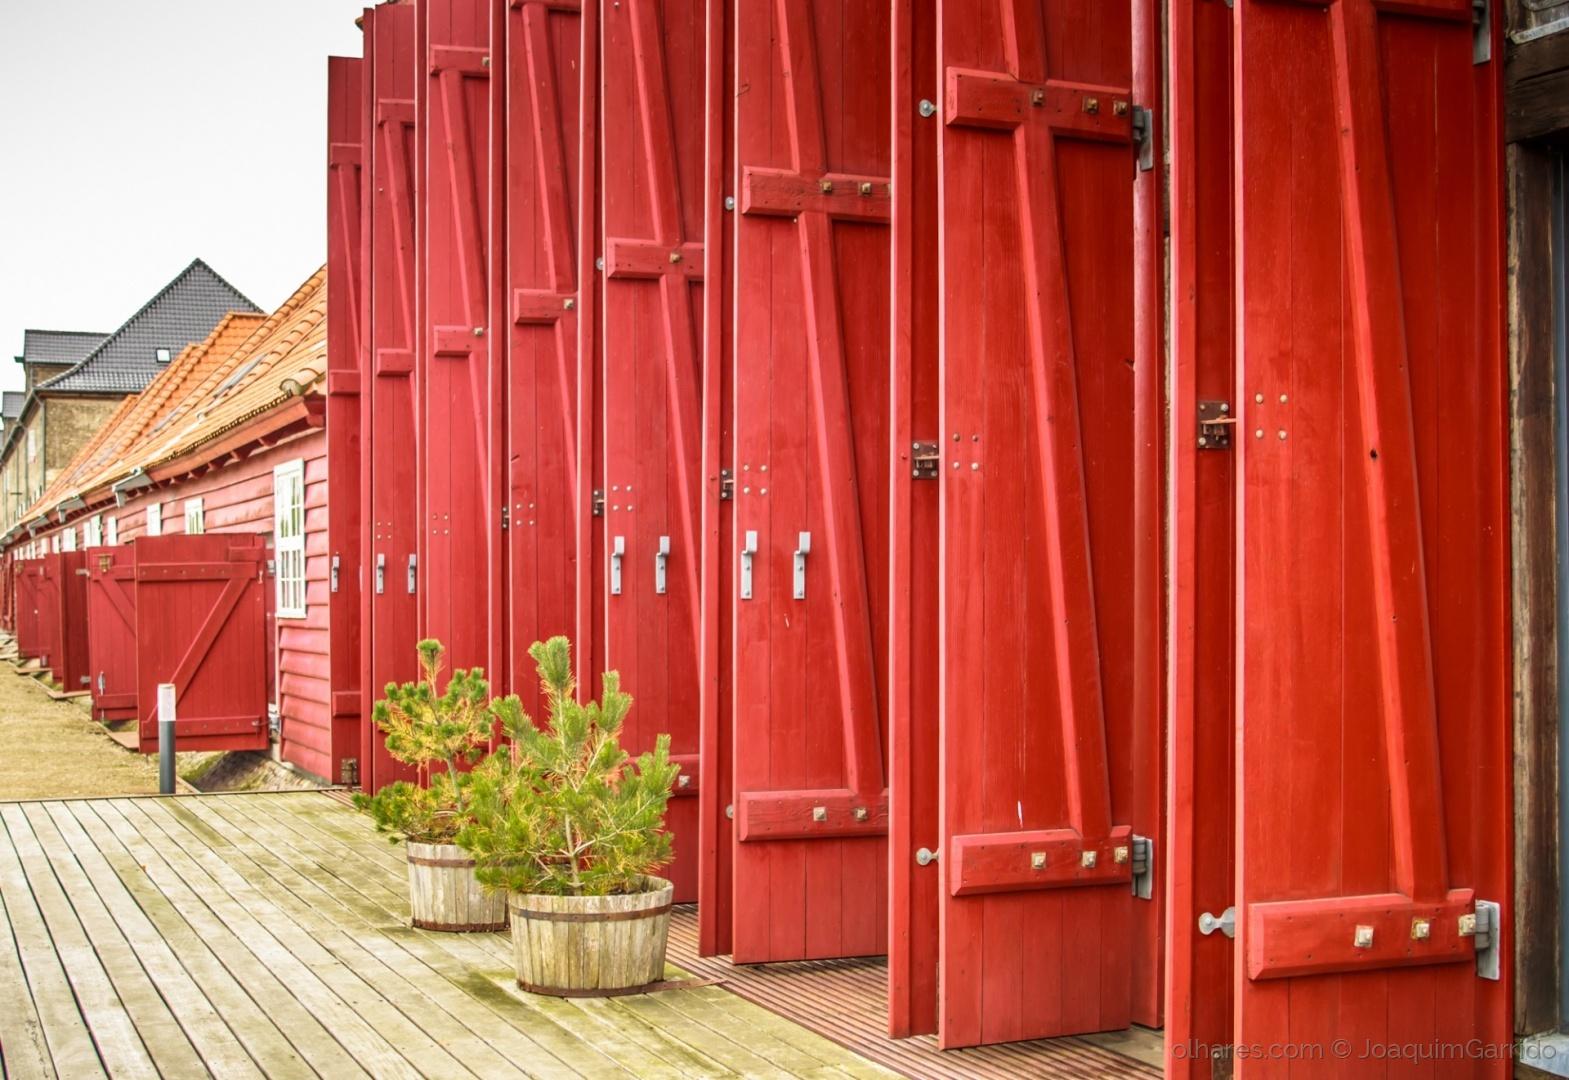 Gentes e Locais/Portas armazens Ilha de Holmen - København